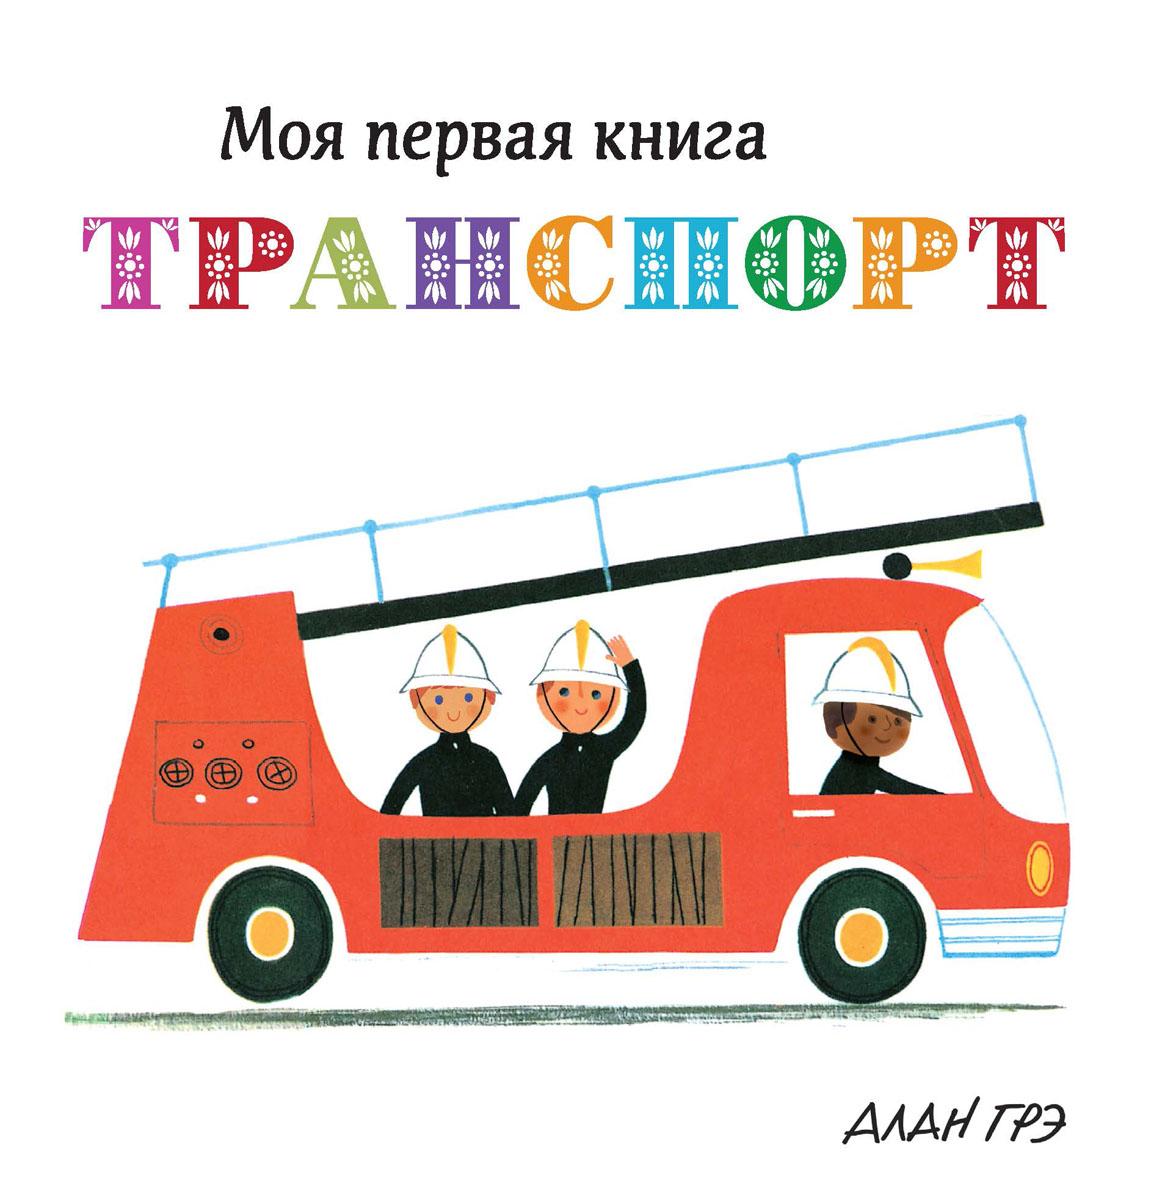 Алан Грэ Транспорт грэ а моя первая книга транспорт